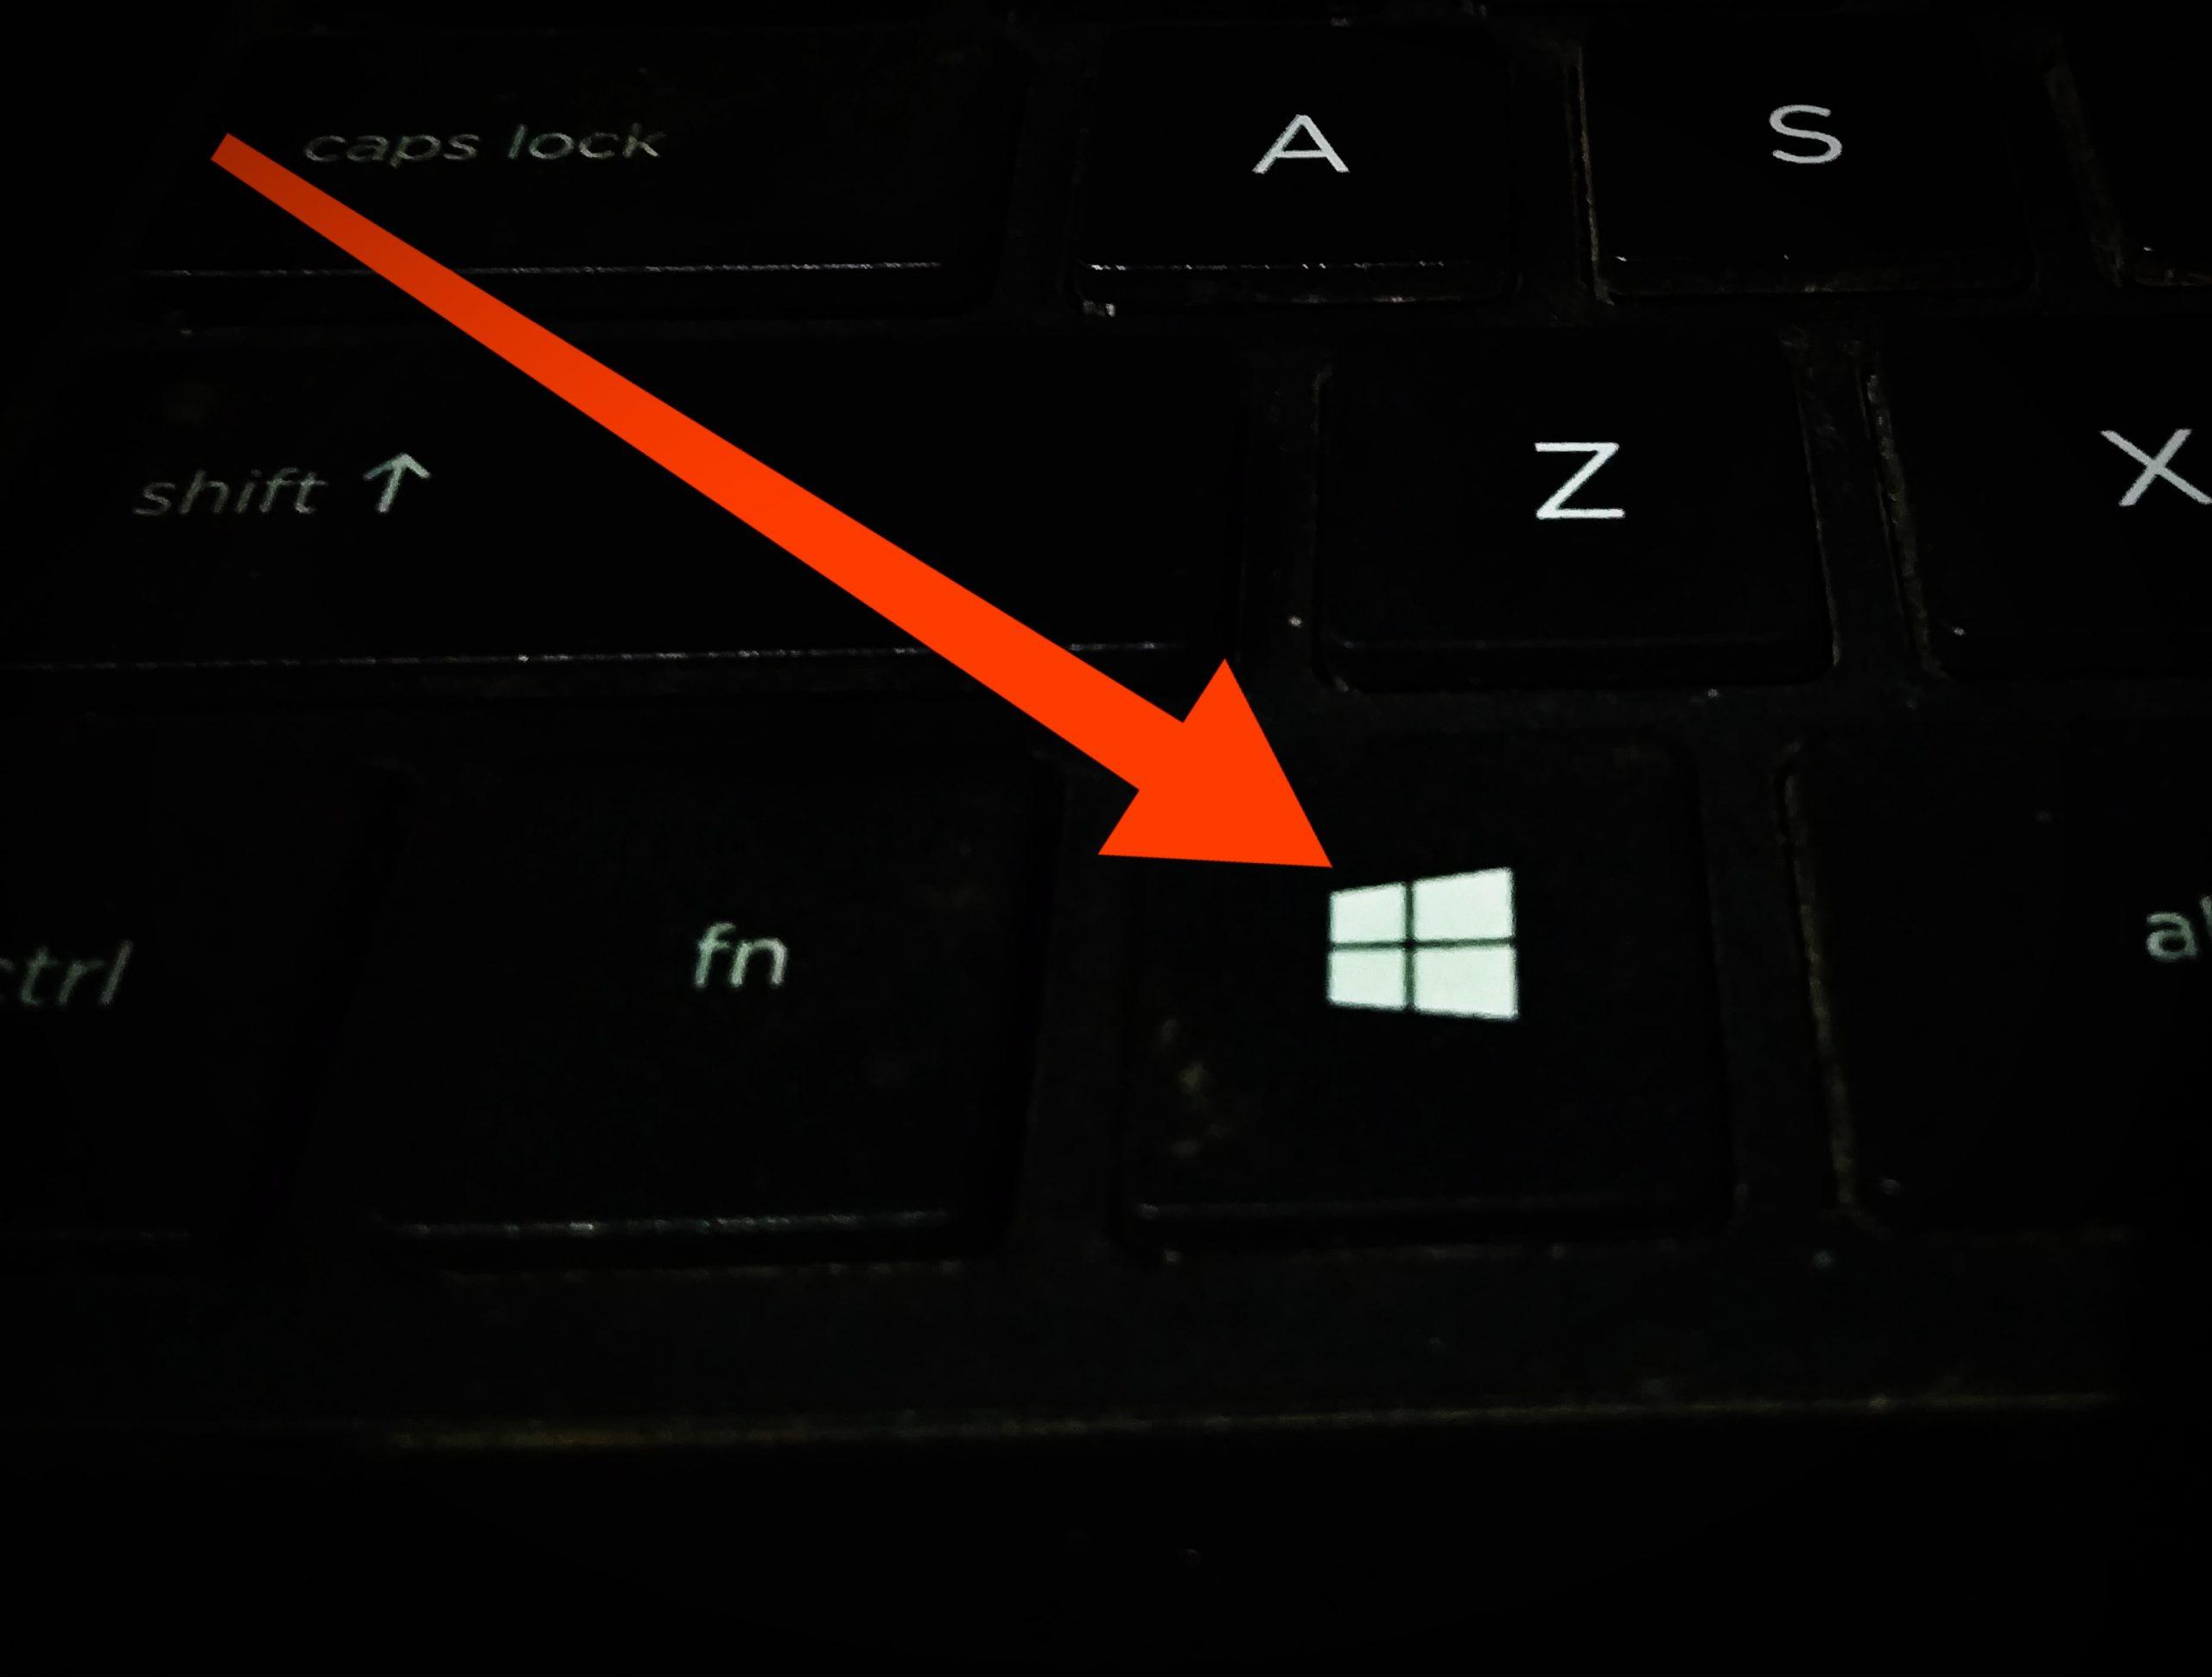 cara mengambil screenshot di laptop 17